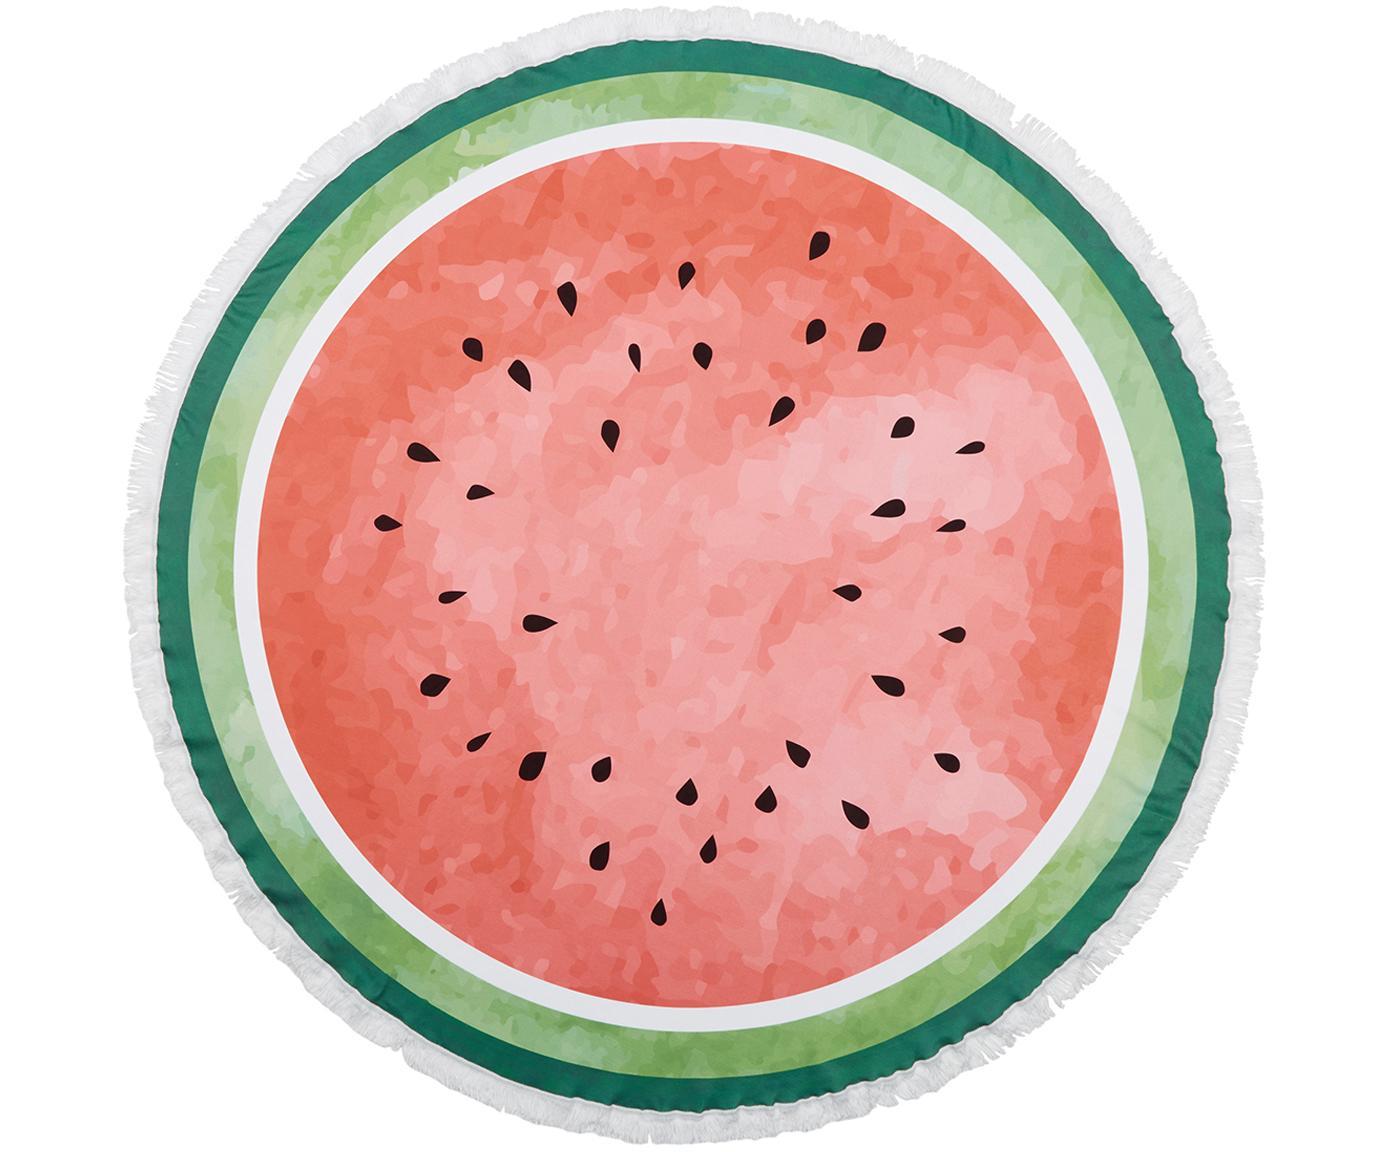 Ręcznik plażowy Melon, 55% poliester, 45% bawełna Bardzo niska gramatura 340 g/m², Ciemny zielony, jasny zielony, czerwony, Ø 150 cm